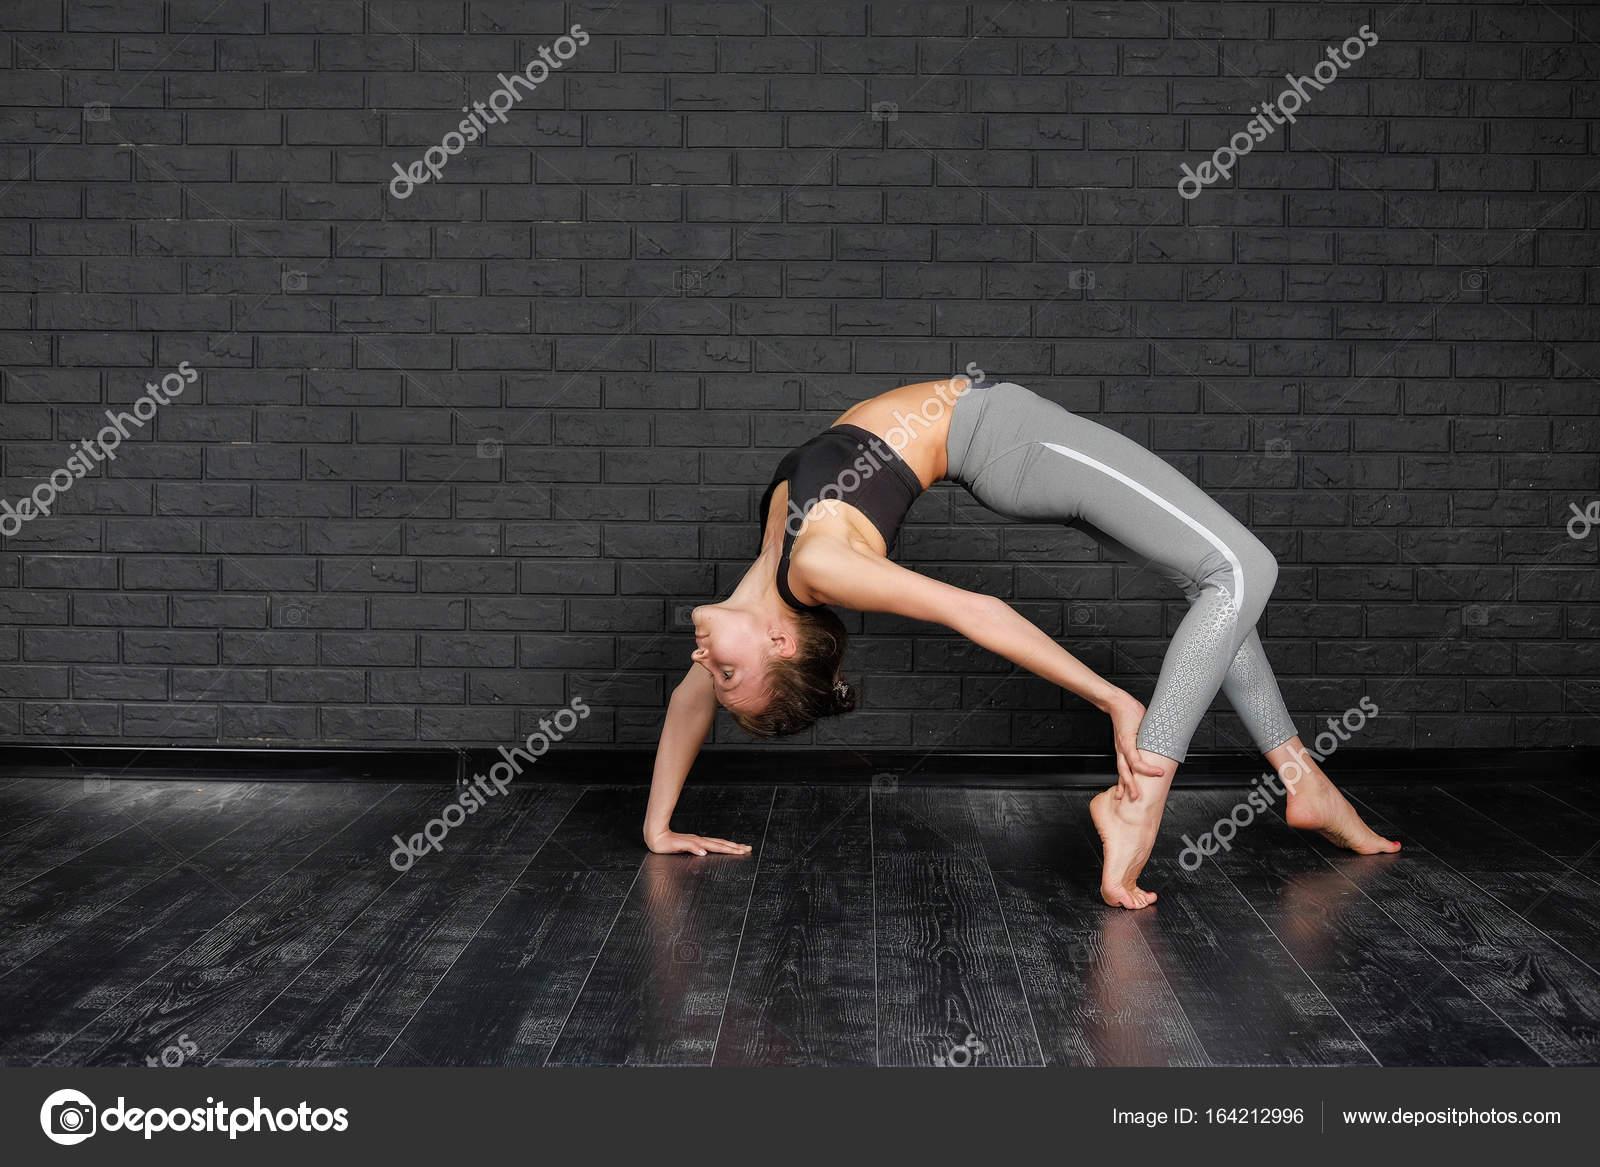 Mujer joven en yoga asana - postura de puente. Mujer con cabello largo y  delgado 073d08e3b5af